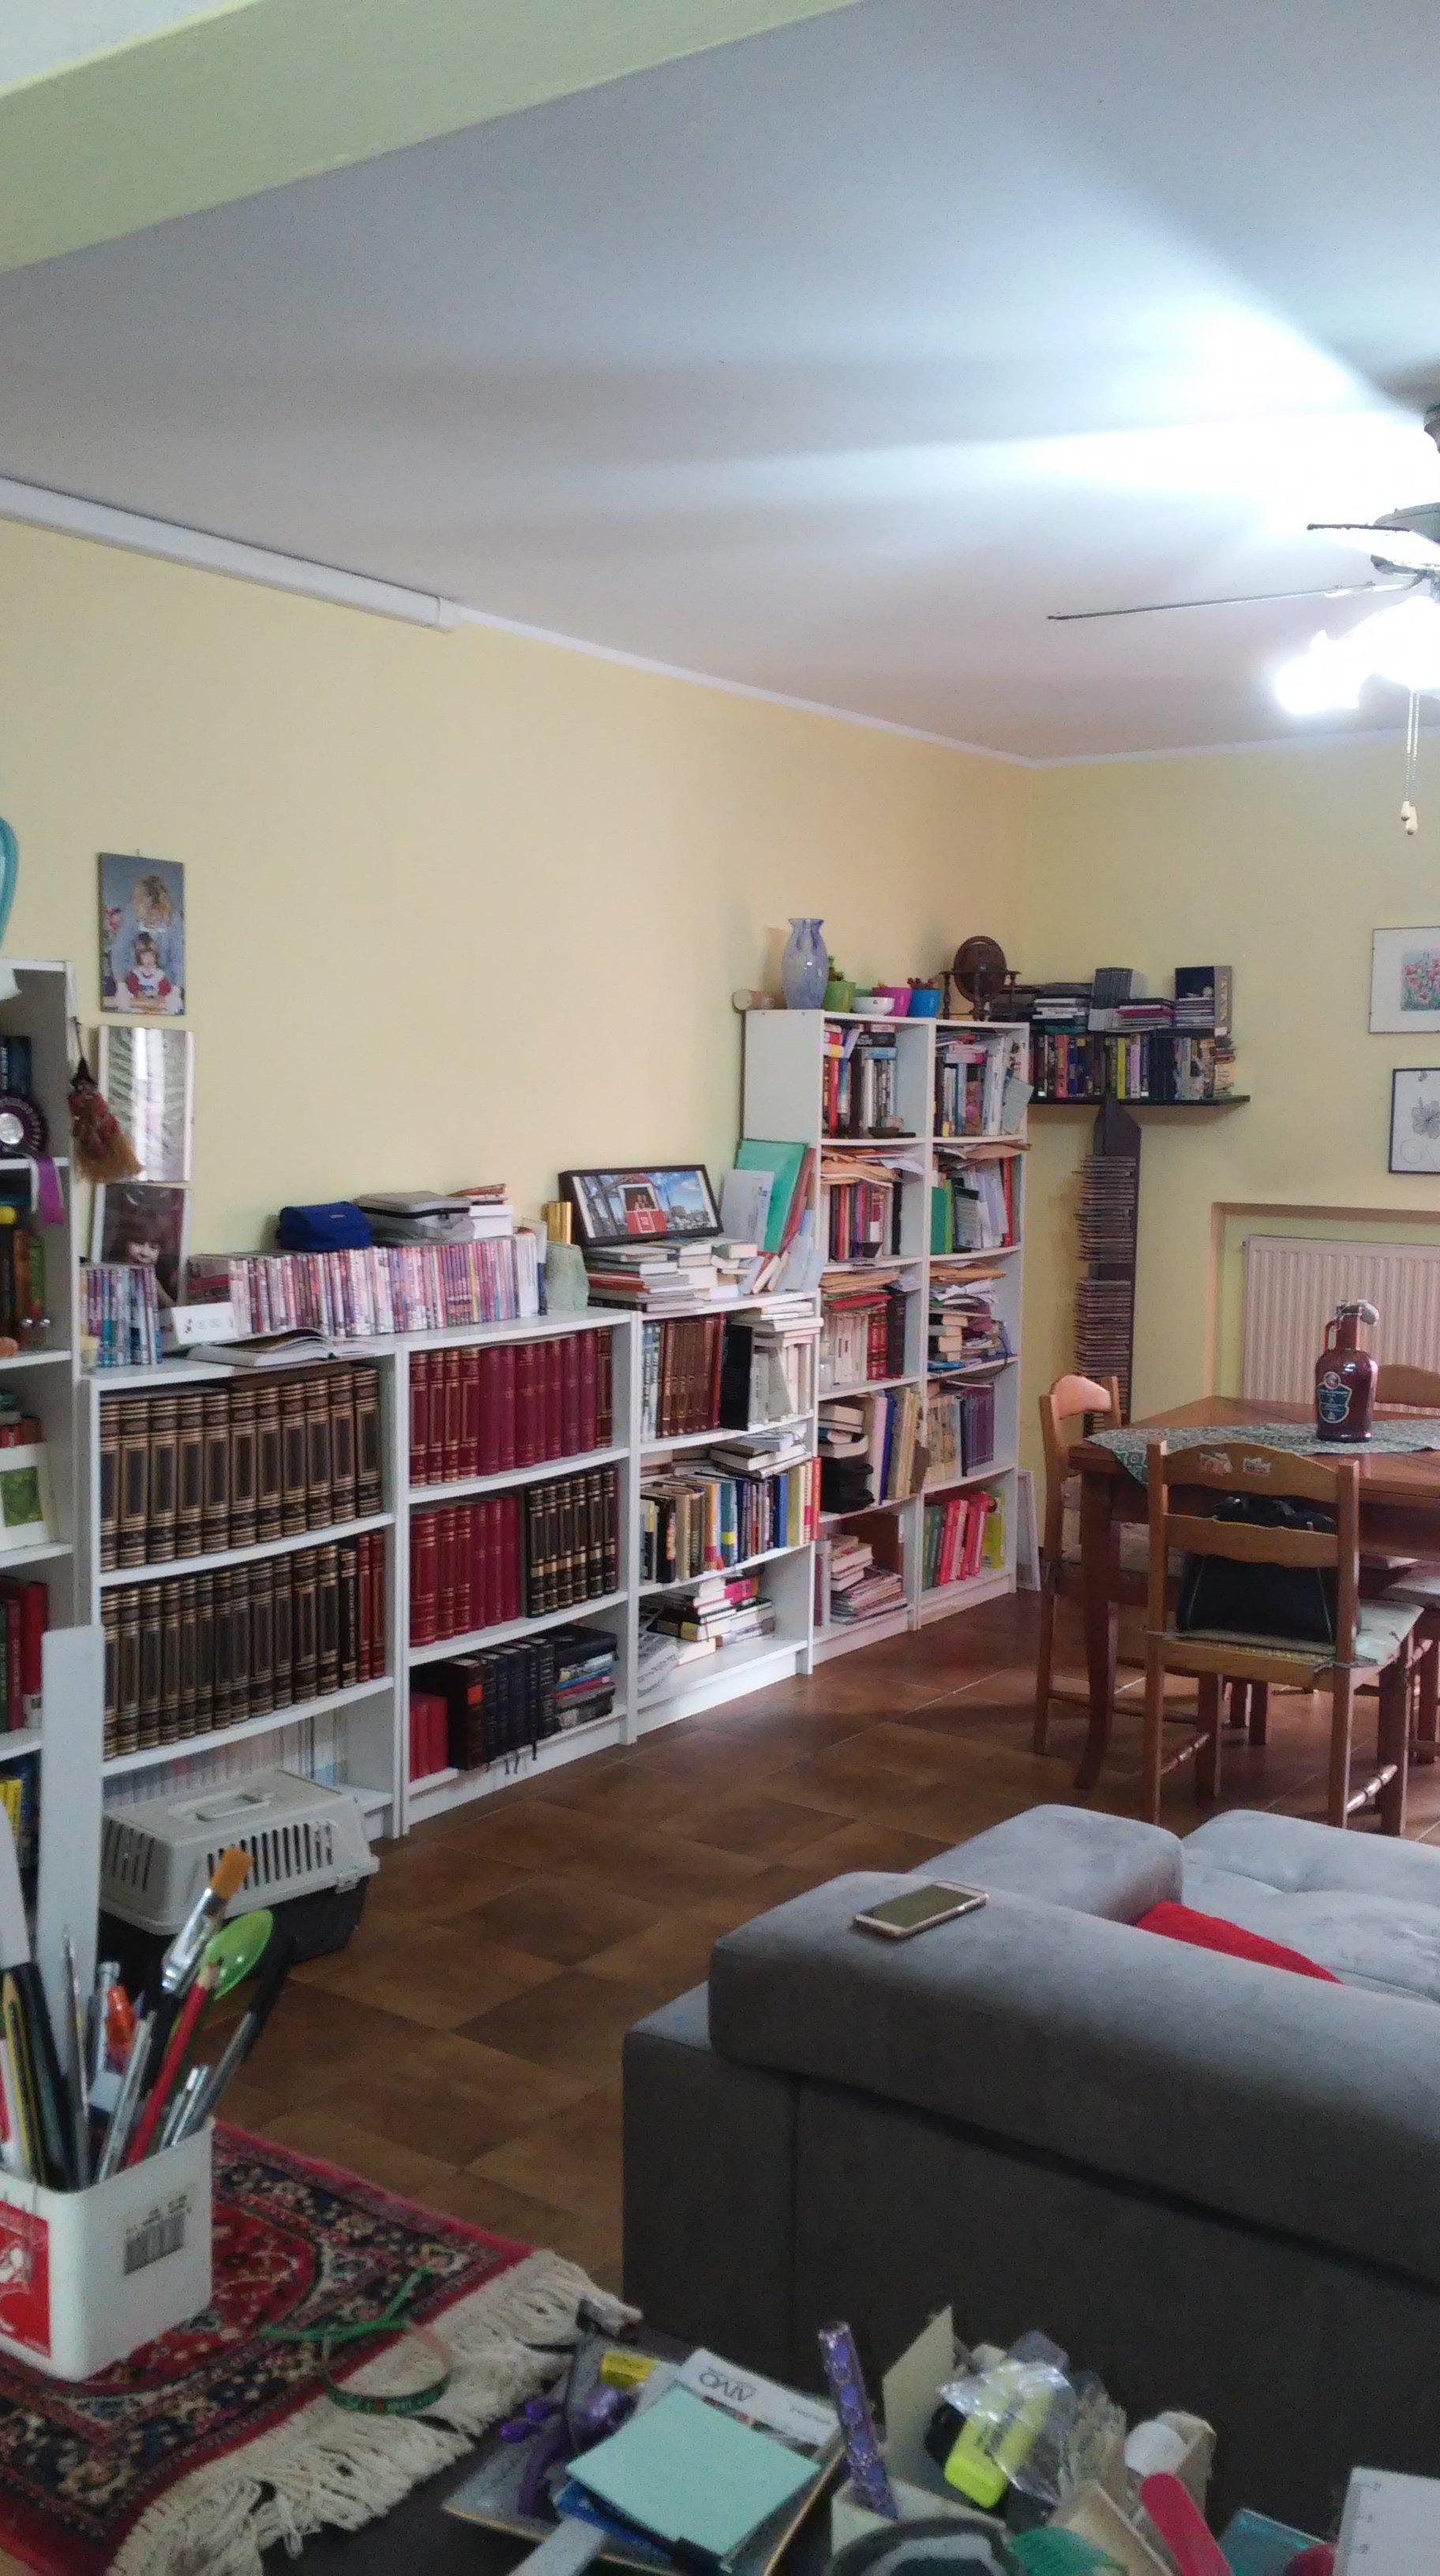 scaffali pieni di libri in salotto